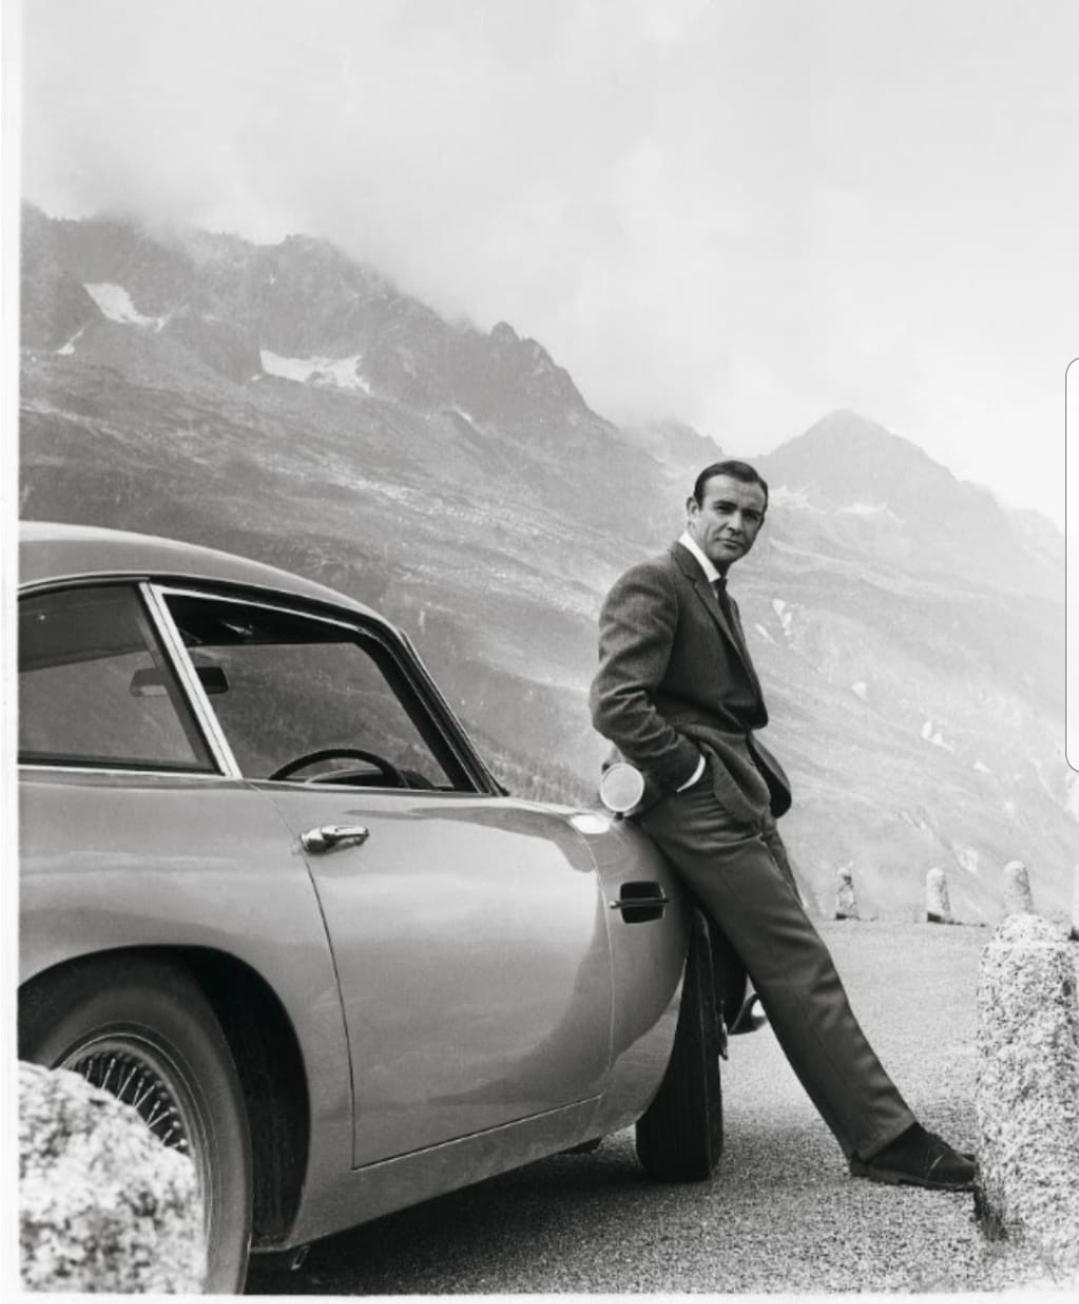 استون مارتن تضيف مميزات في عدد من سياراتها كما كان في افلام جيمس بوند